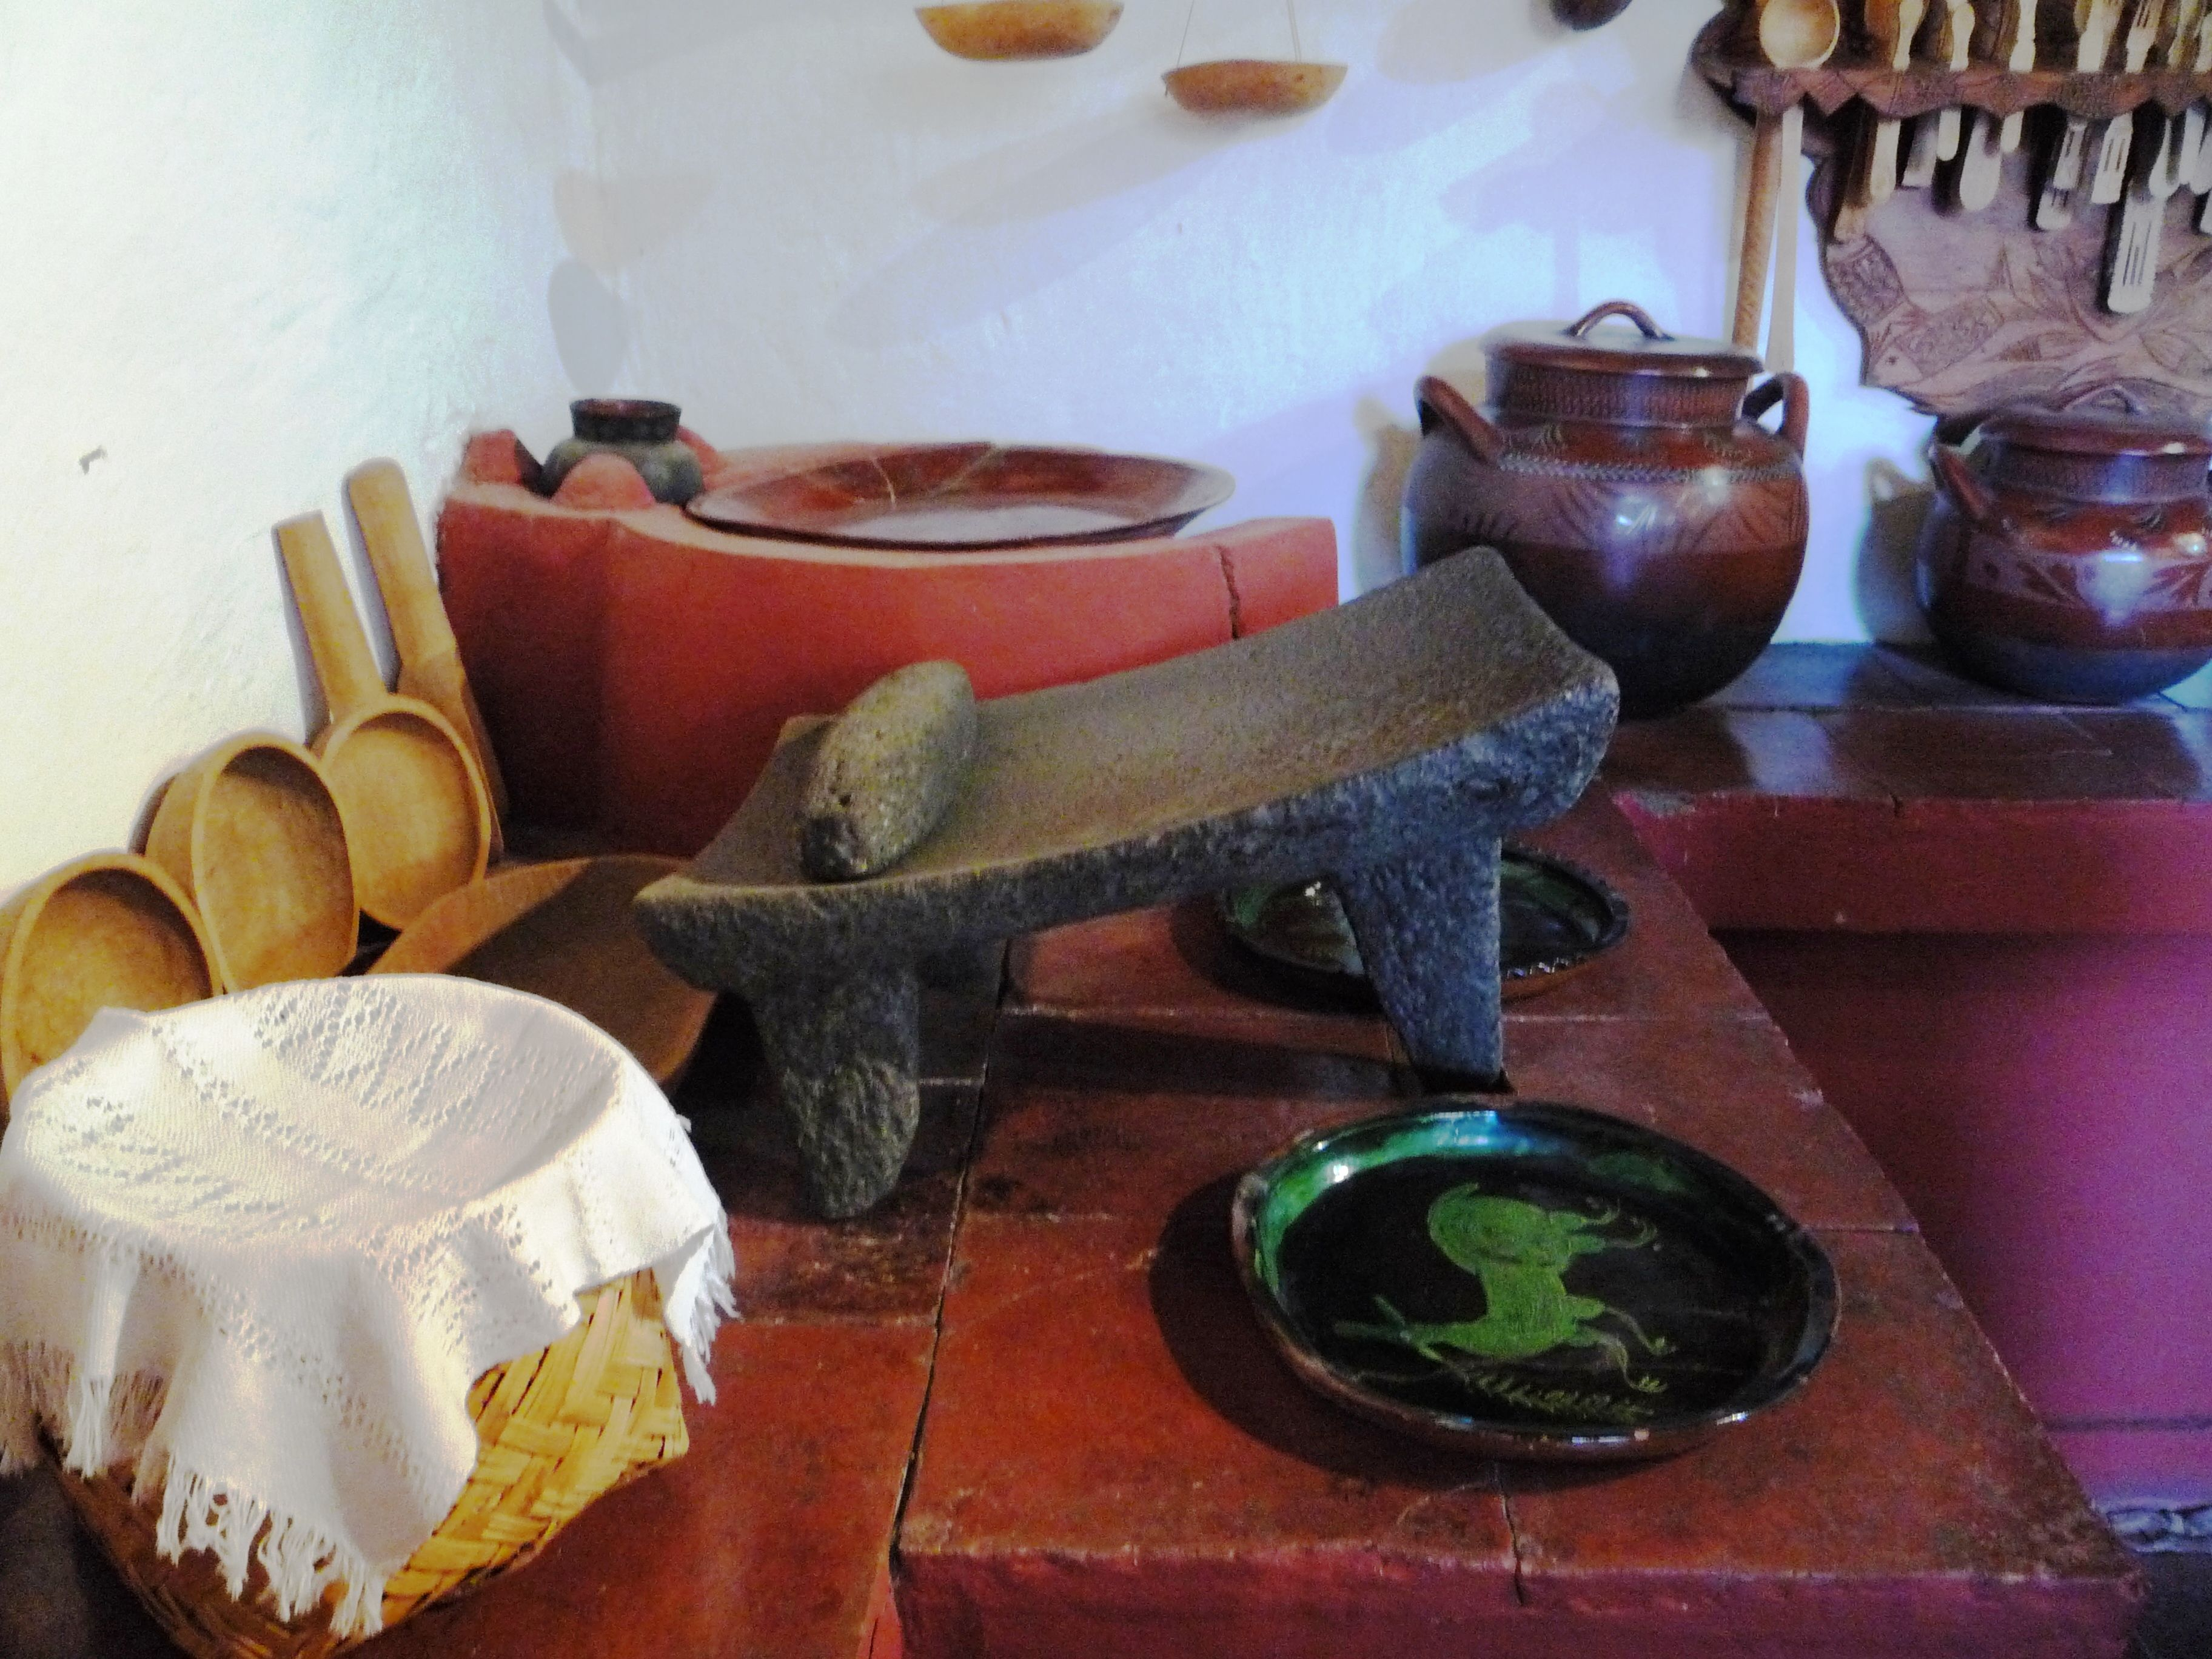 Utensilios de cocina tradicional mexicana metate comal chiquihuite cucharas y o platos de palo cazuelas ollas  cocina mexicana decoraciones